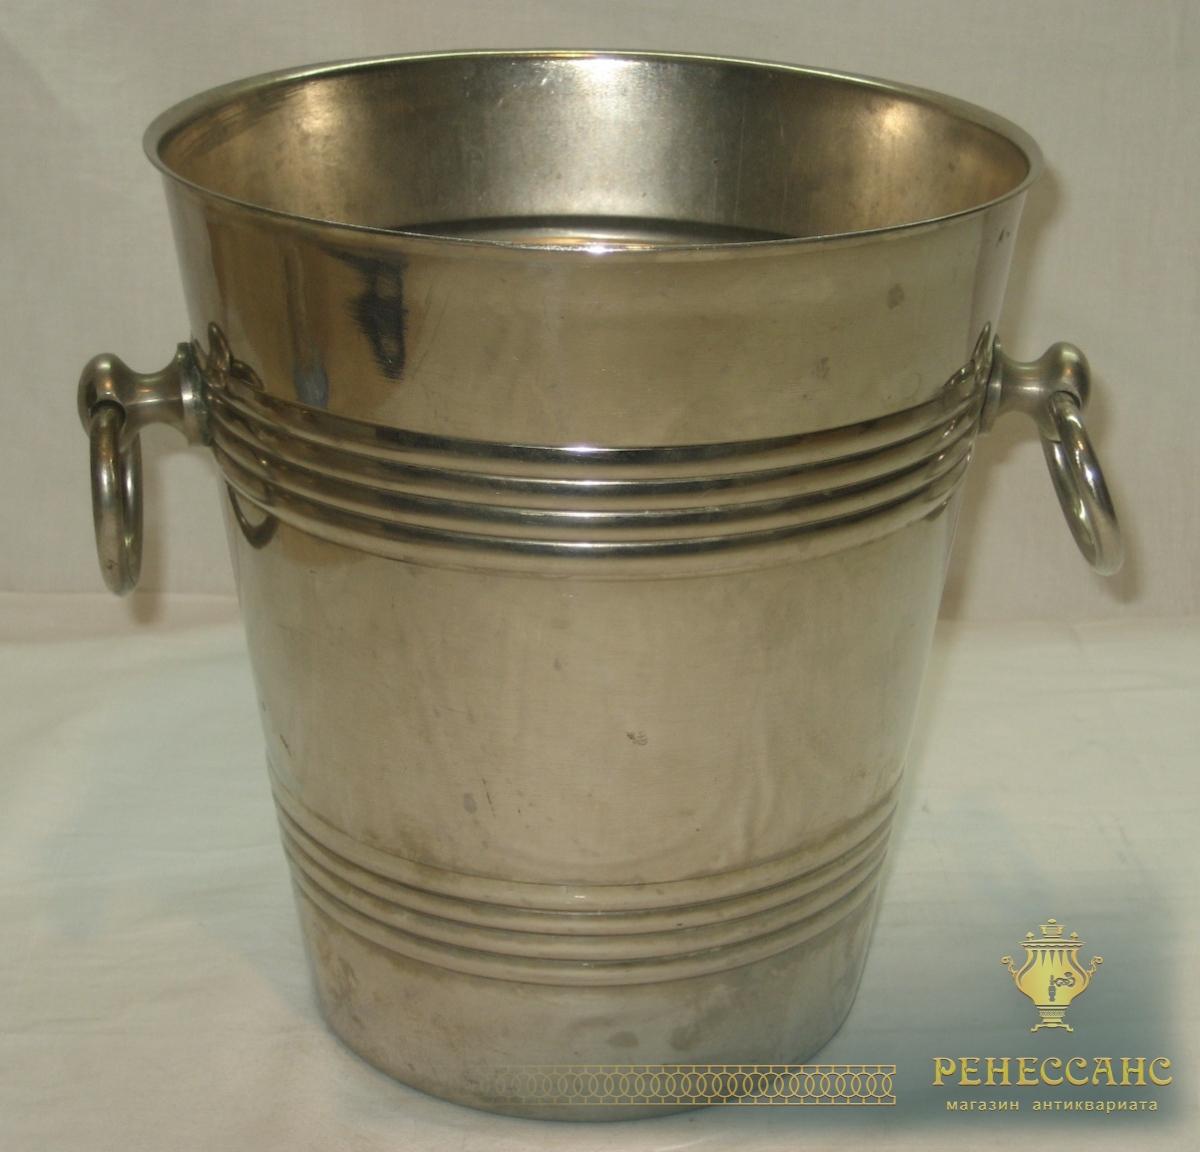 Ведро для шампанского, никелировка, «Кольчугино» №2374